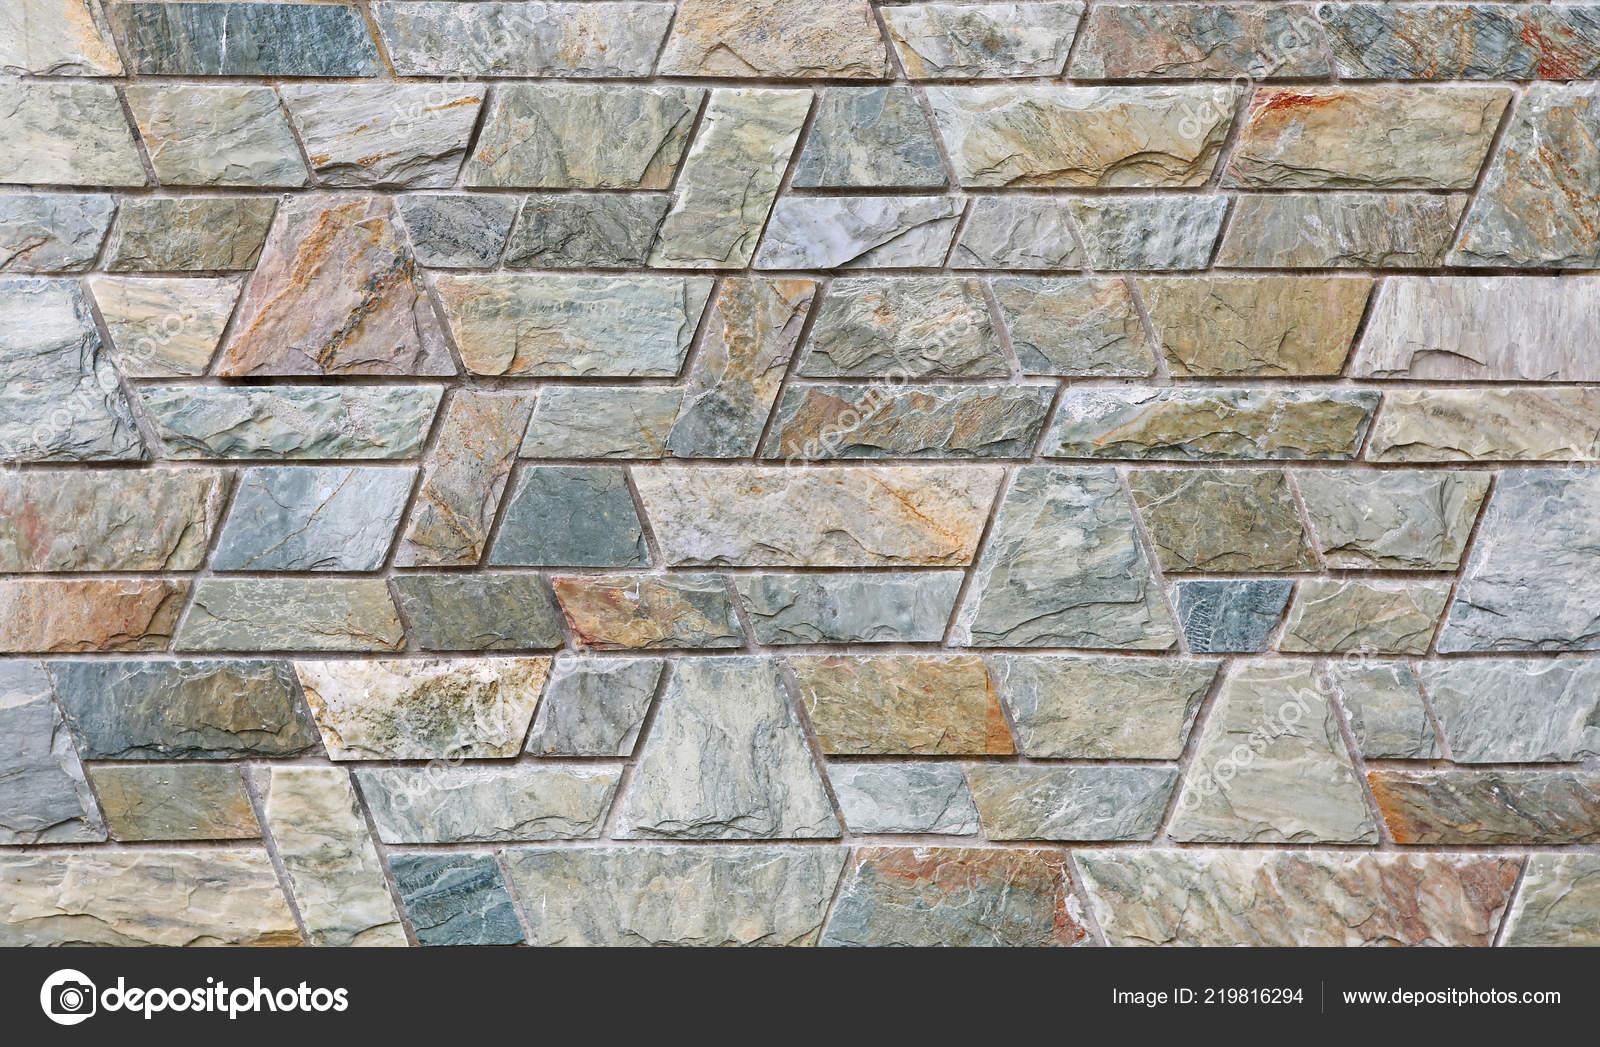 Mattonelle pietra moderna muro mattoni texture foto for Mattonelle da muro